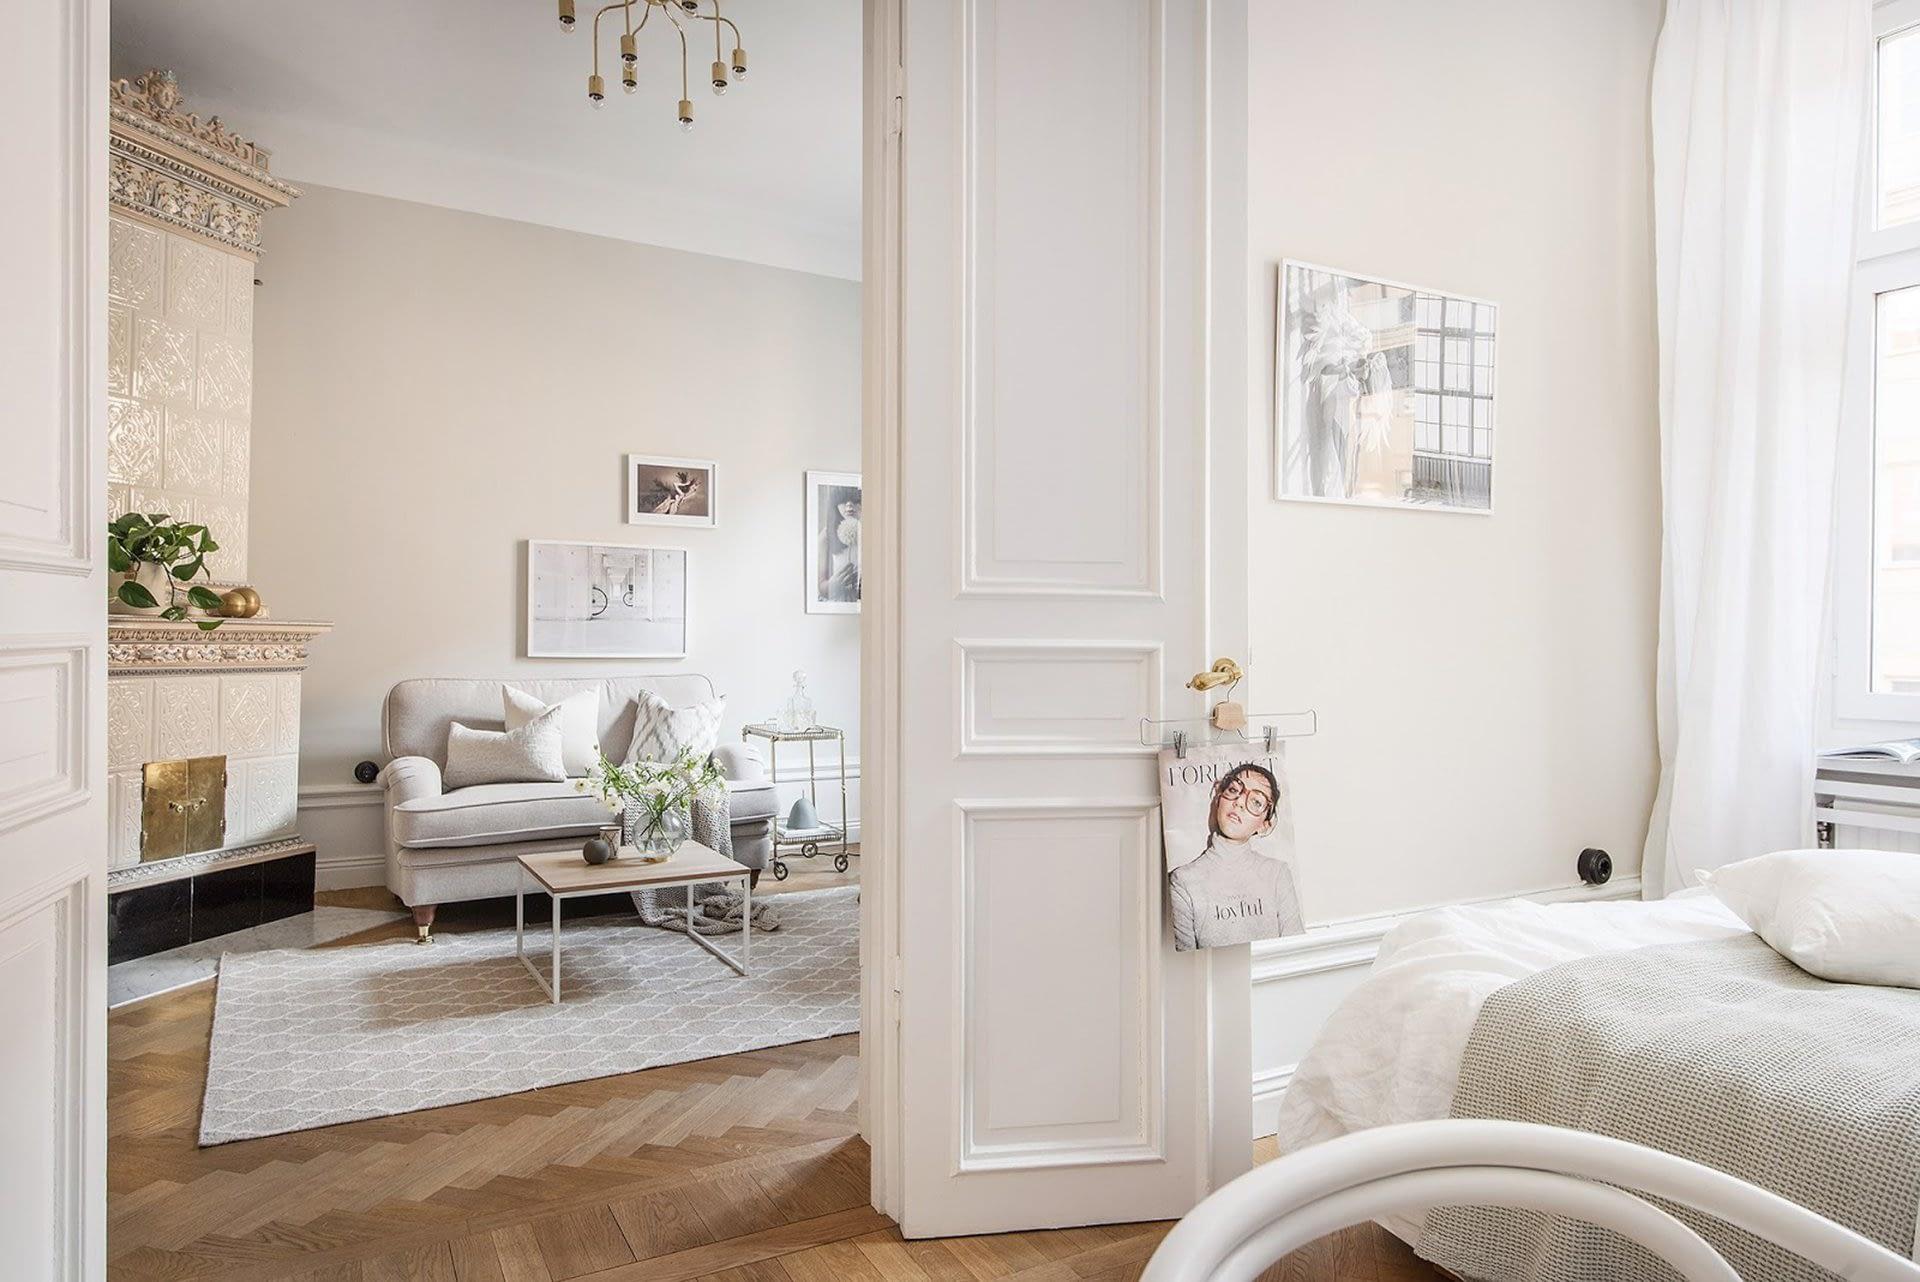 Amenajare scandinava in tonuri naturale de culoare intr-un apartament de 43 mp. 9